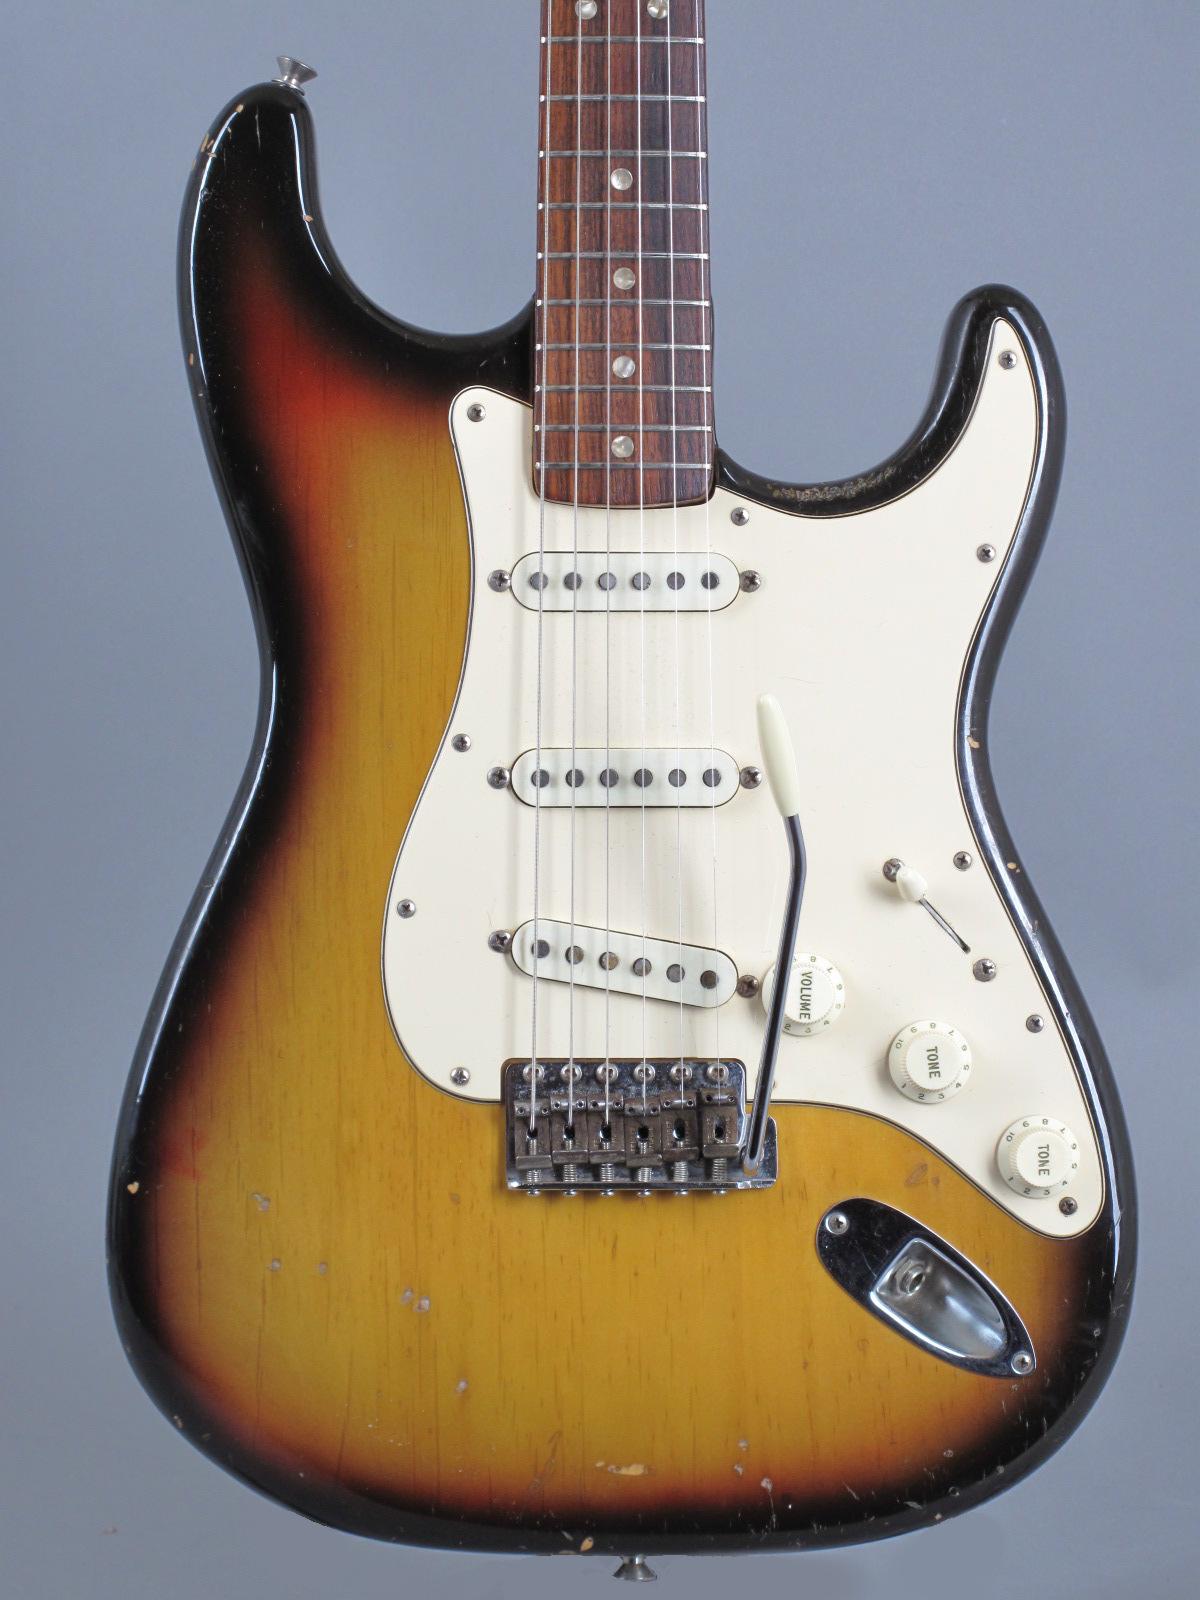 1972 Fender Stratocaster - Sunburst